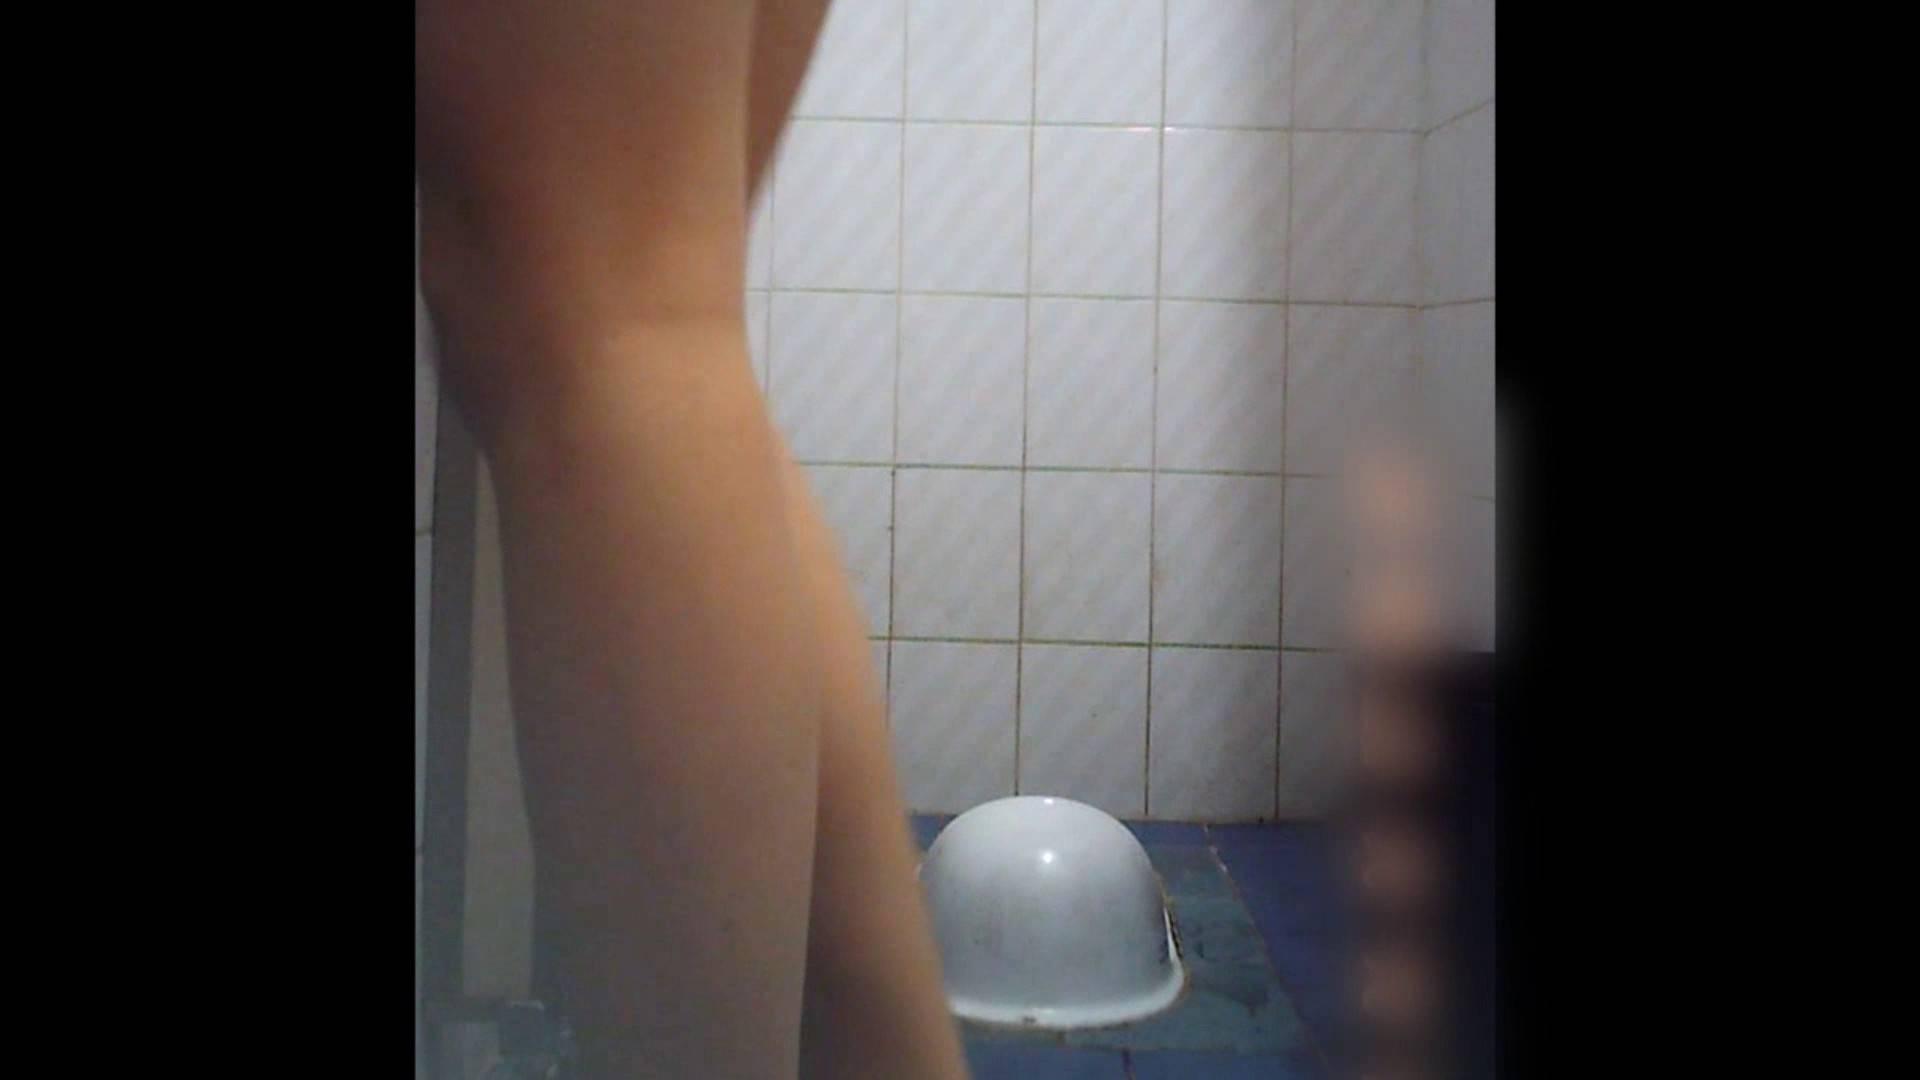 潜入!!韓国秘密のトイレ!Vol.10 OLエロ画像 覗きワレメ動画紹介 69PICs 27